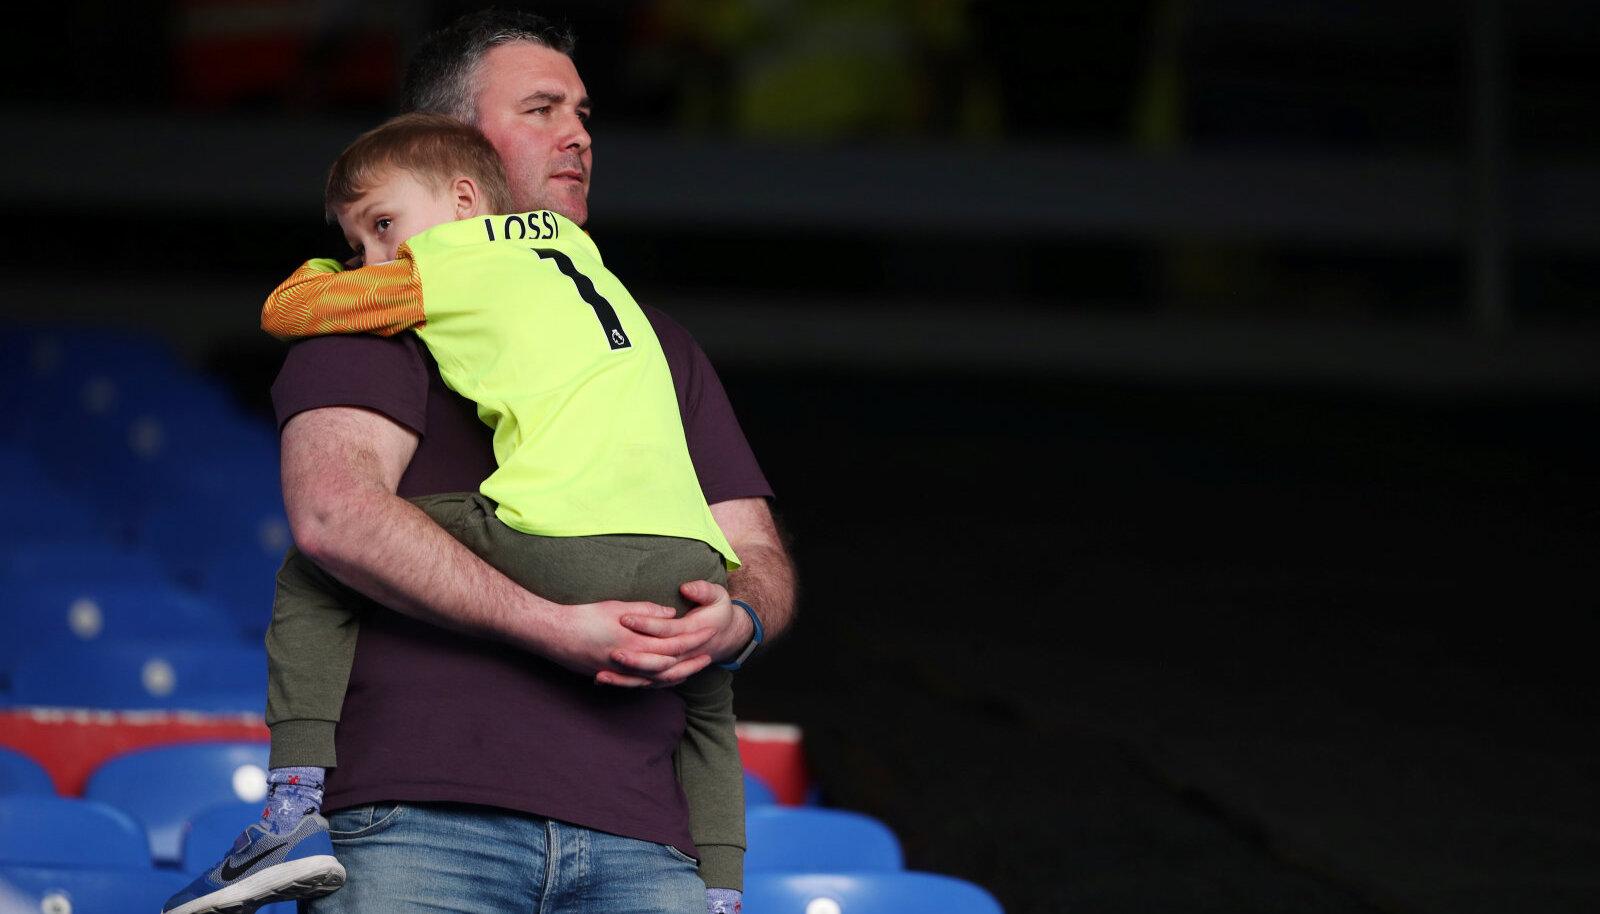 Pettunud Huddersfieldi fännid Londonis Selhurst Parkil (Crystal Palace'i kodustaadion).